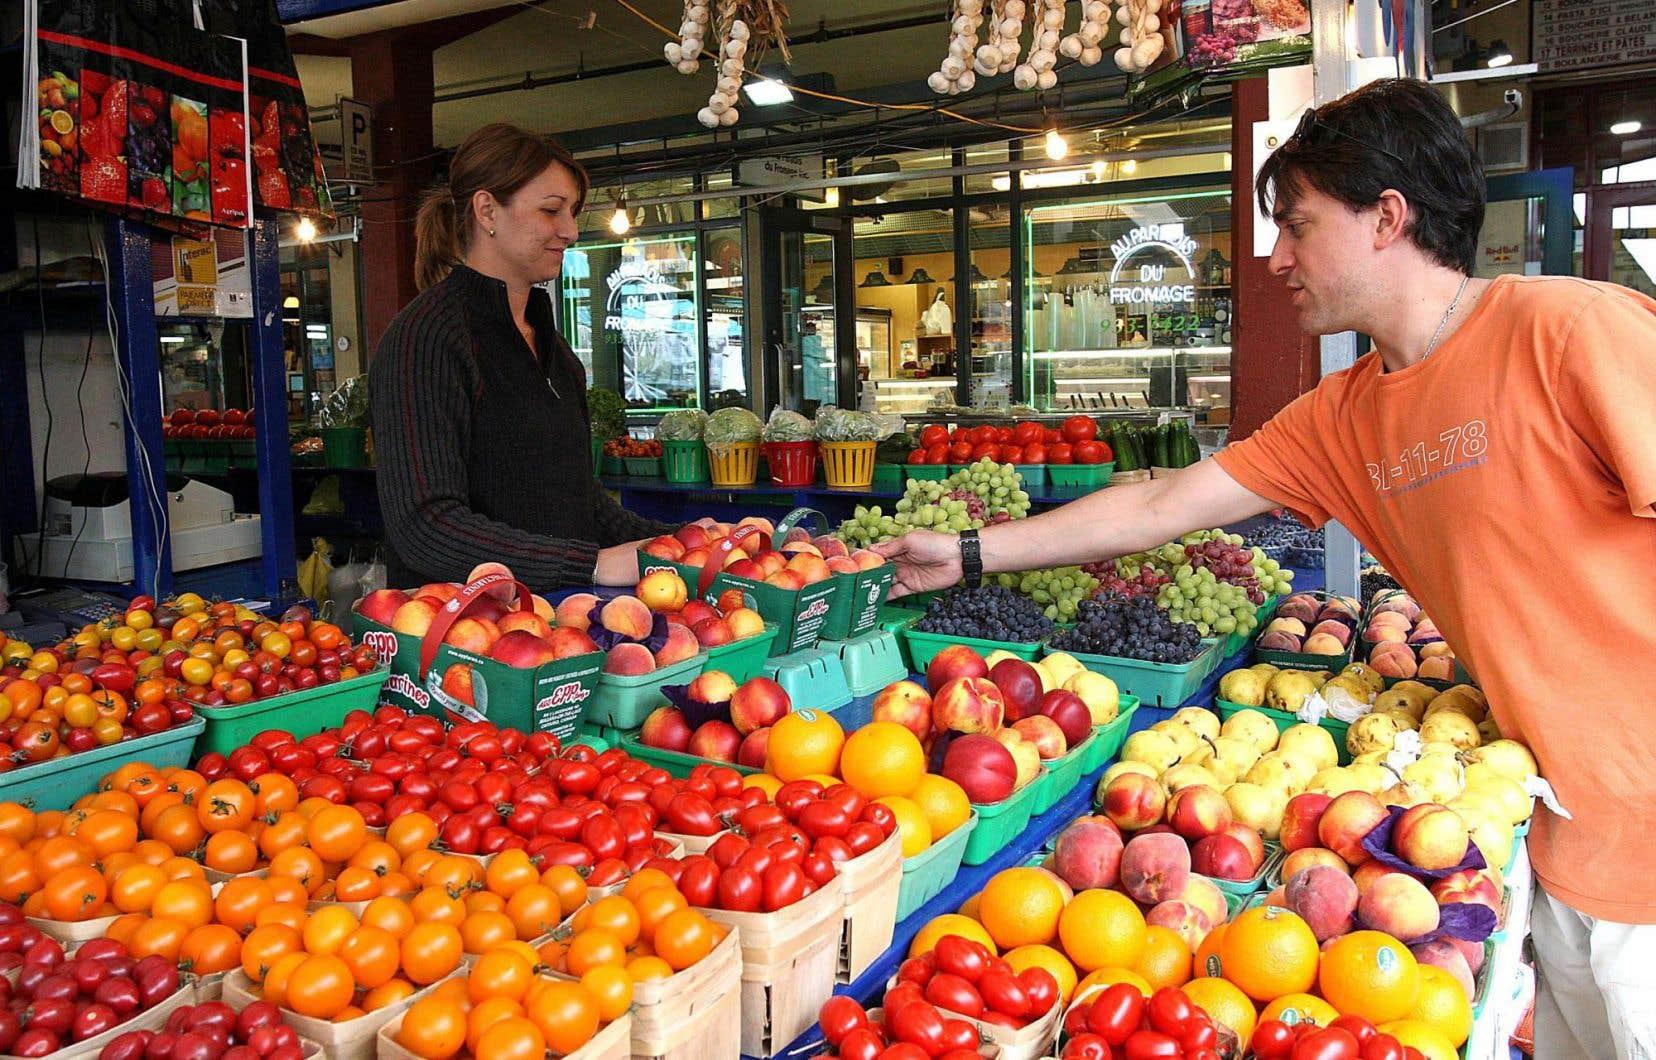 Les produits bio sont encore plus chers que les produits traditionnels, mais cet écart de prix s'amenuise avec le temps.